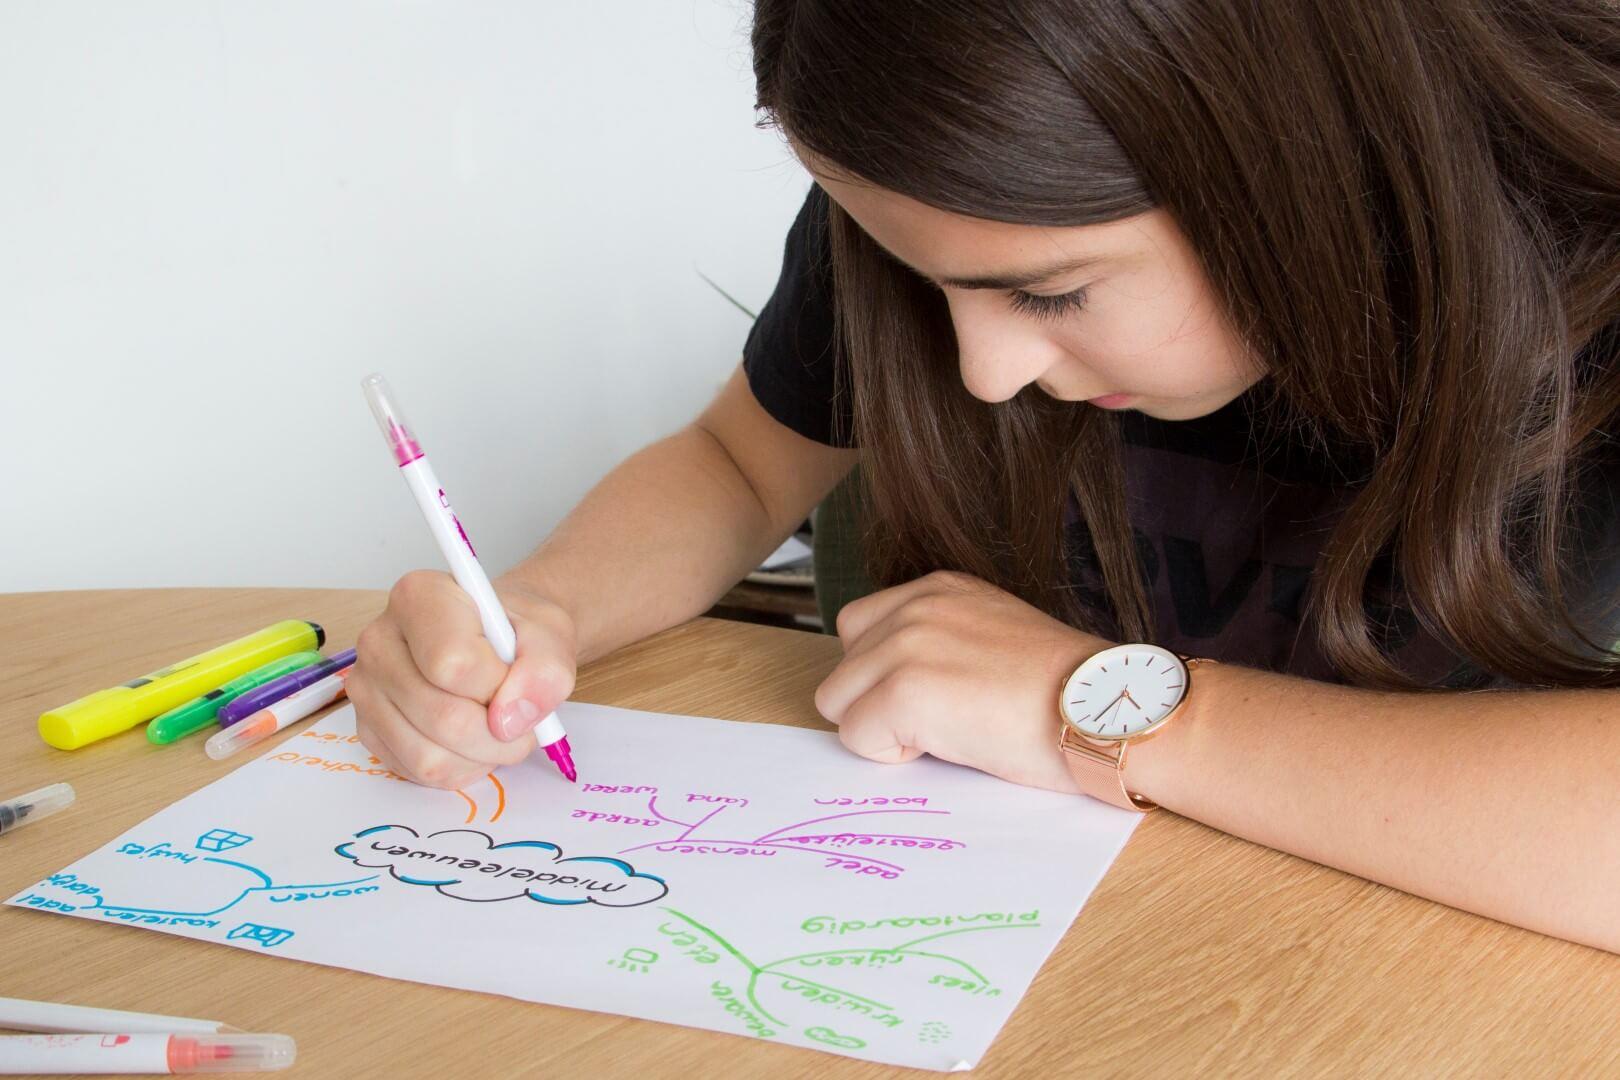 Praktijk Beeldig - begeleiding voor beelddenkende kinderen (7)